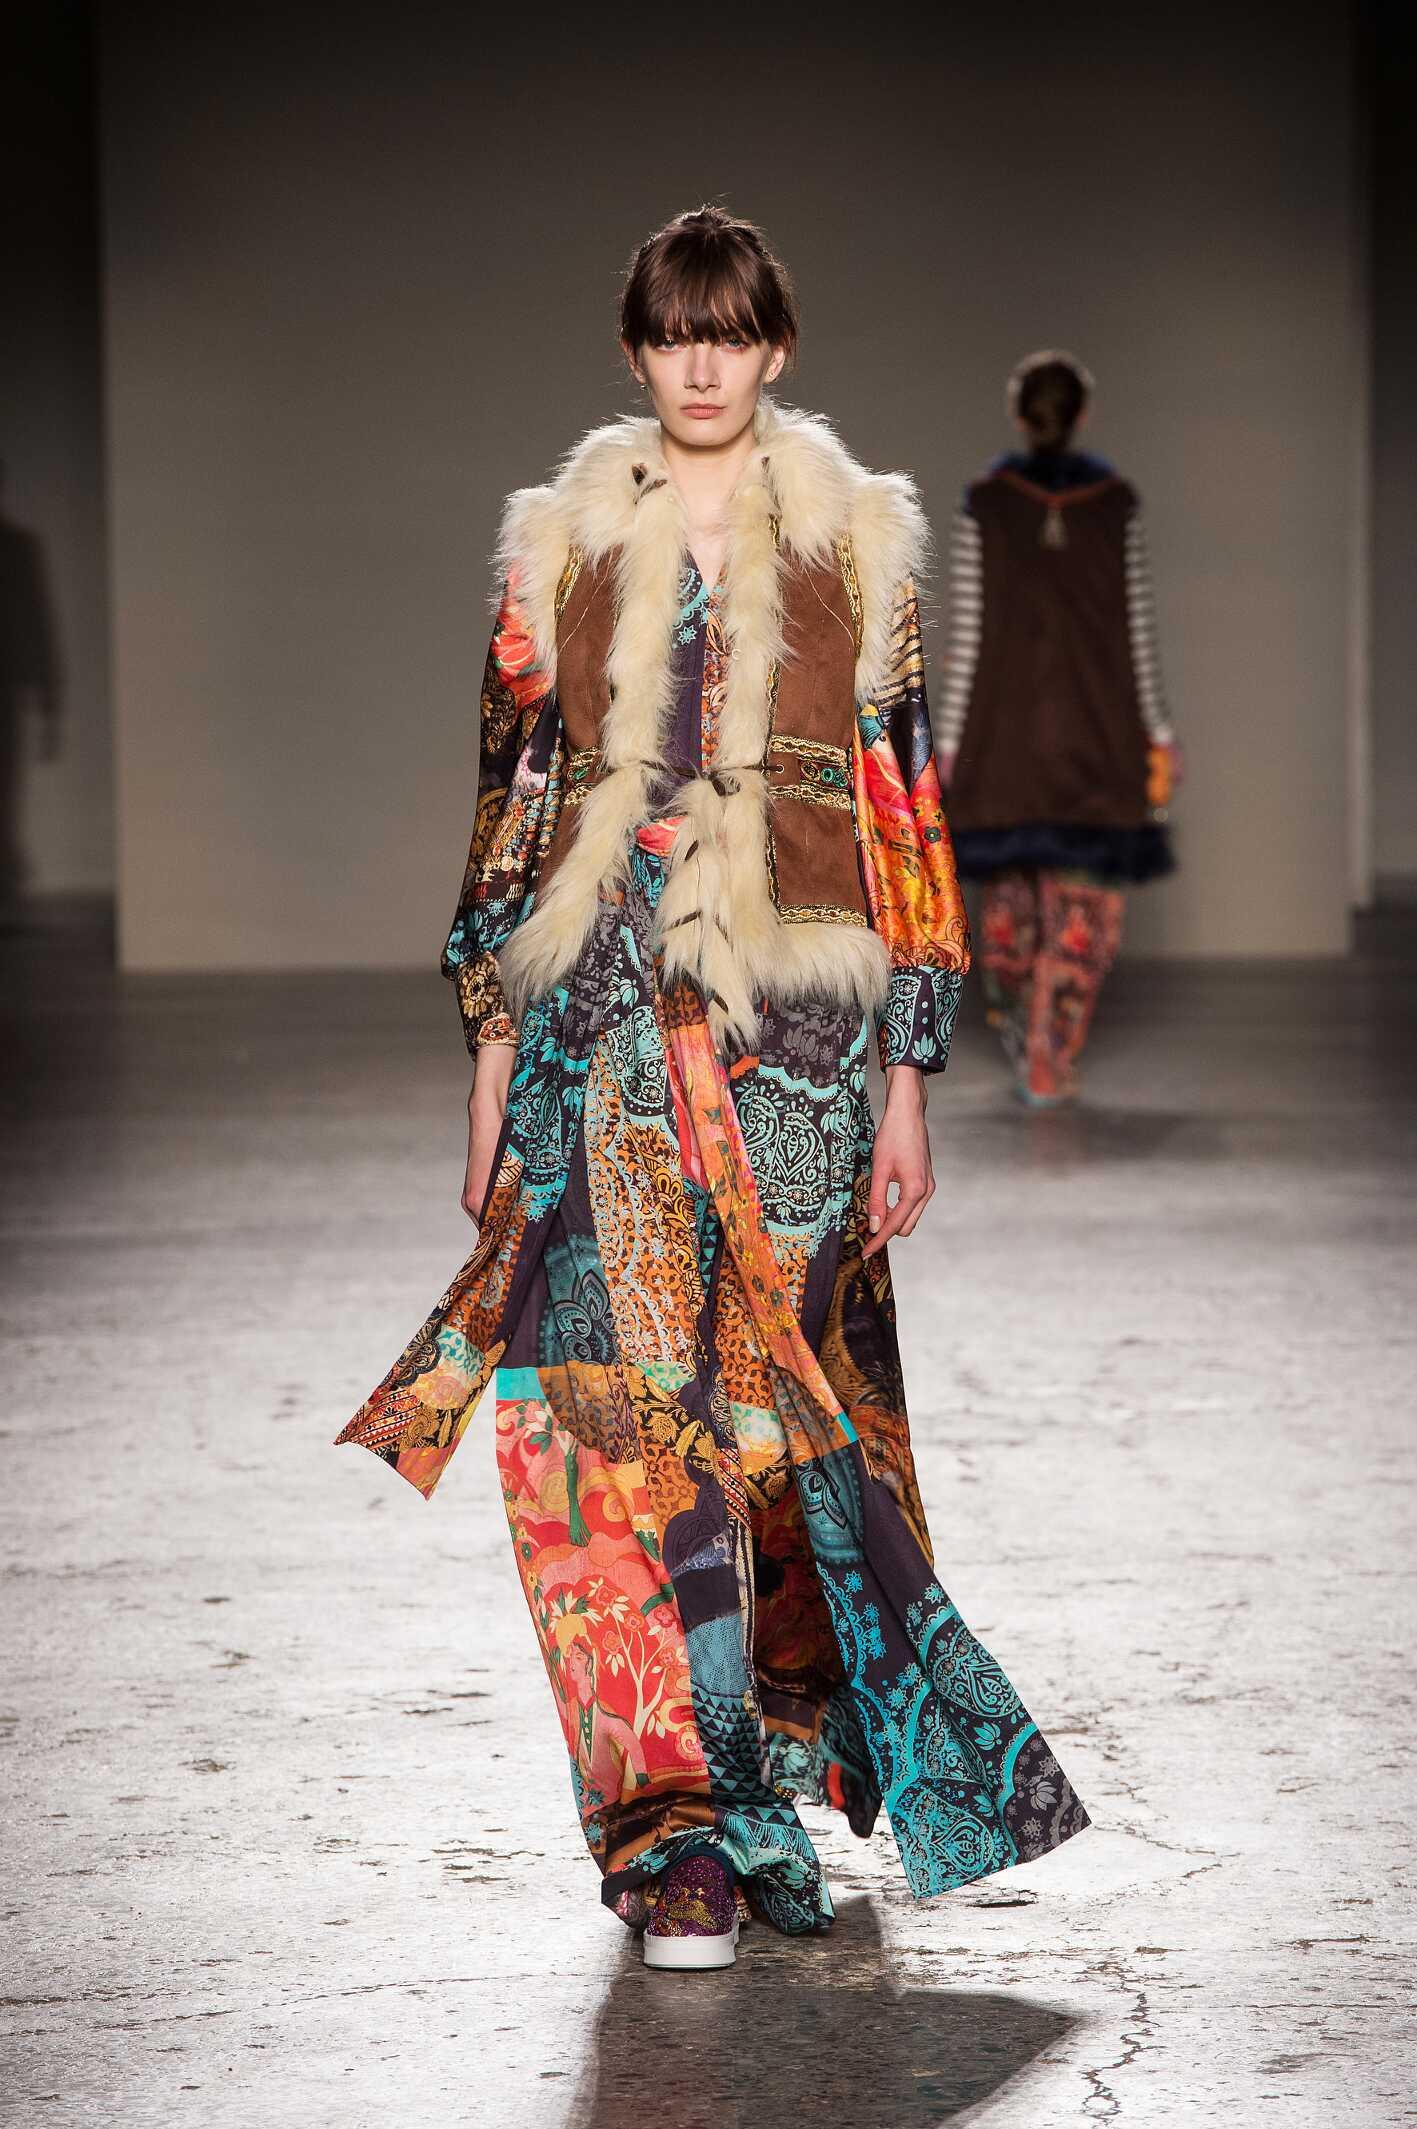 Stella Jean Collection Woman Milan Fashion Week